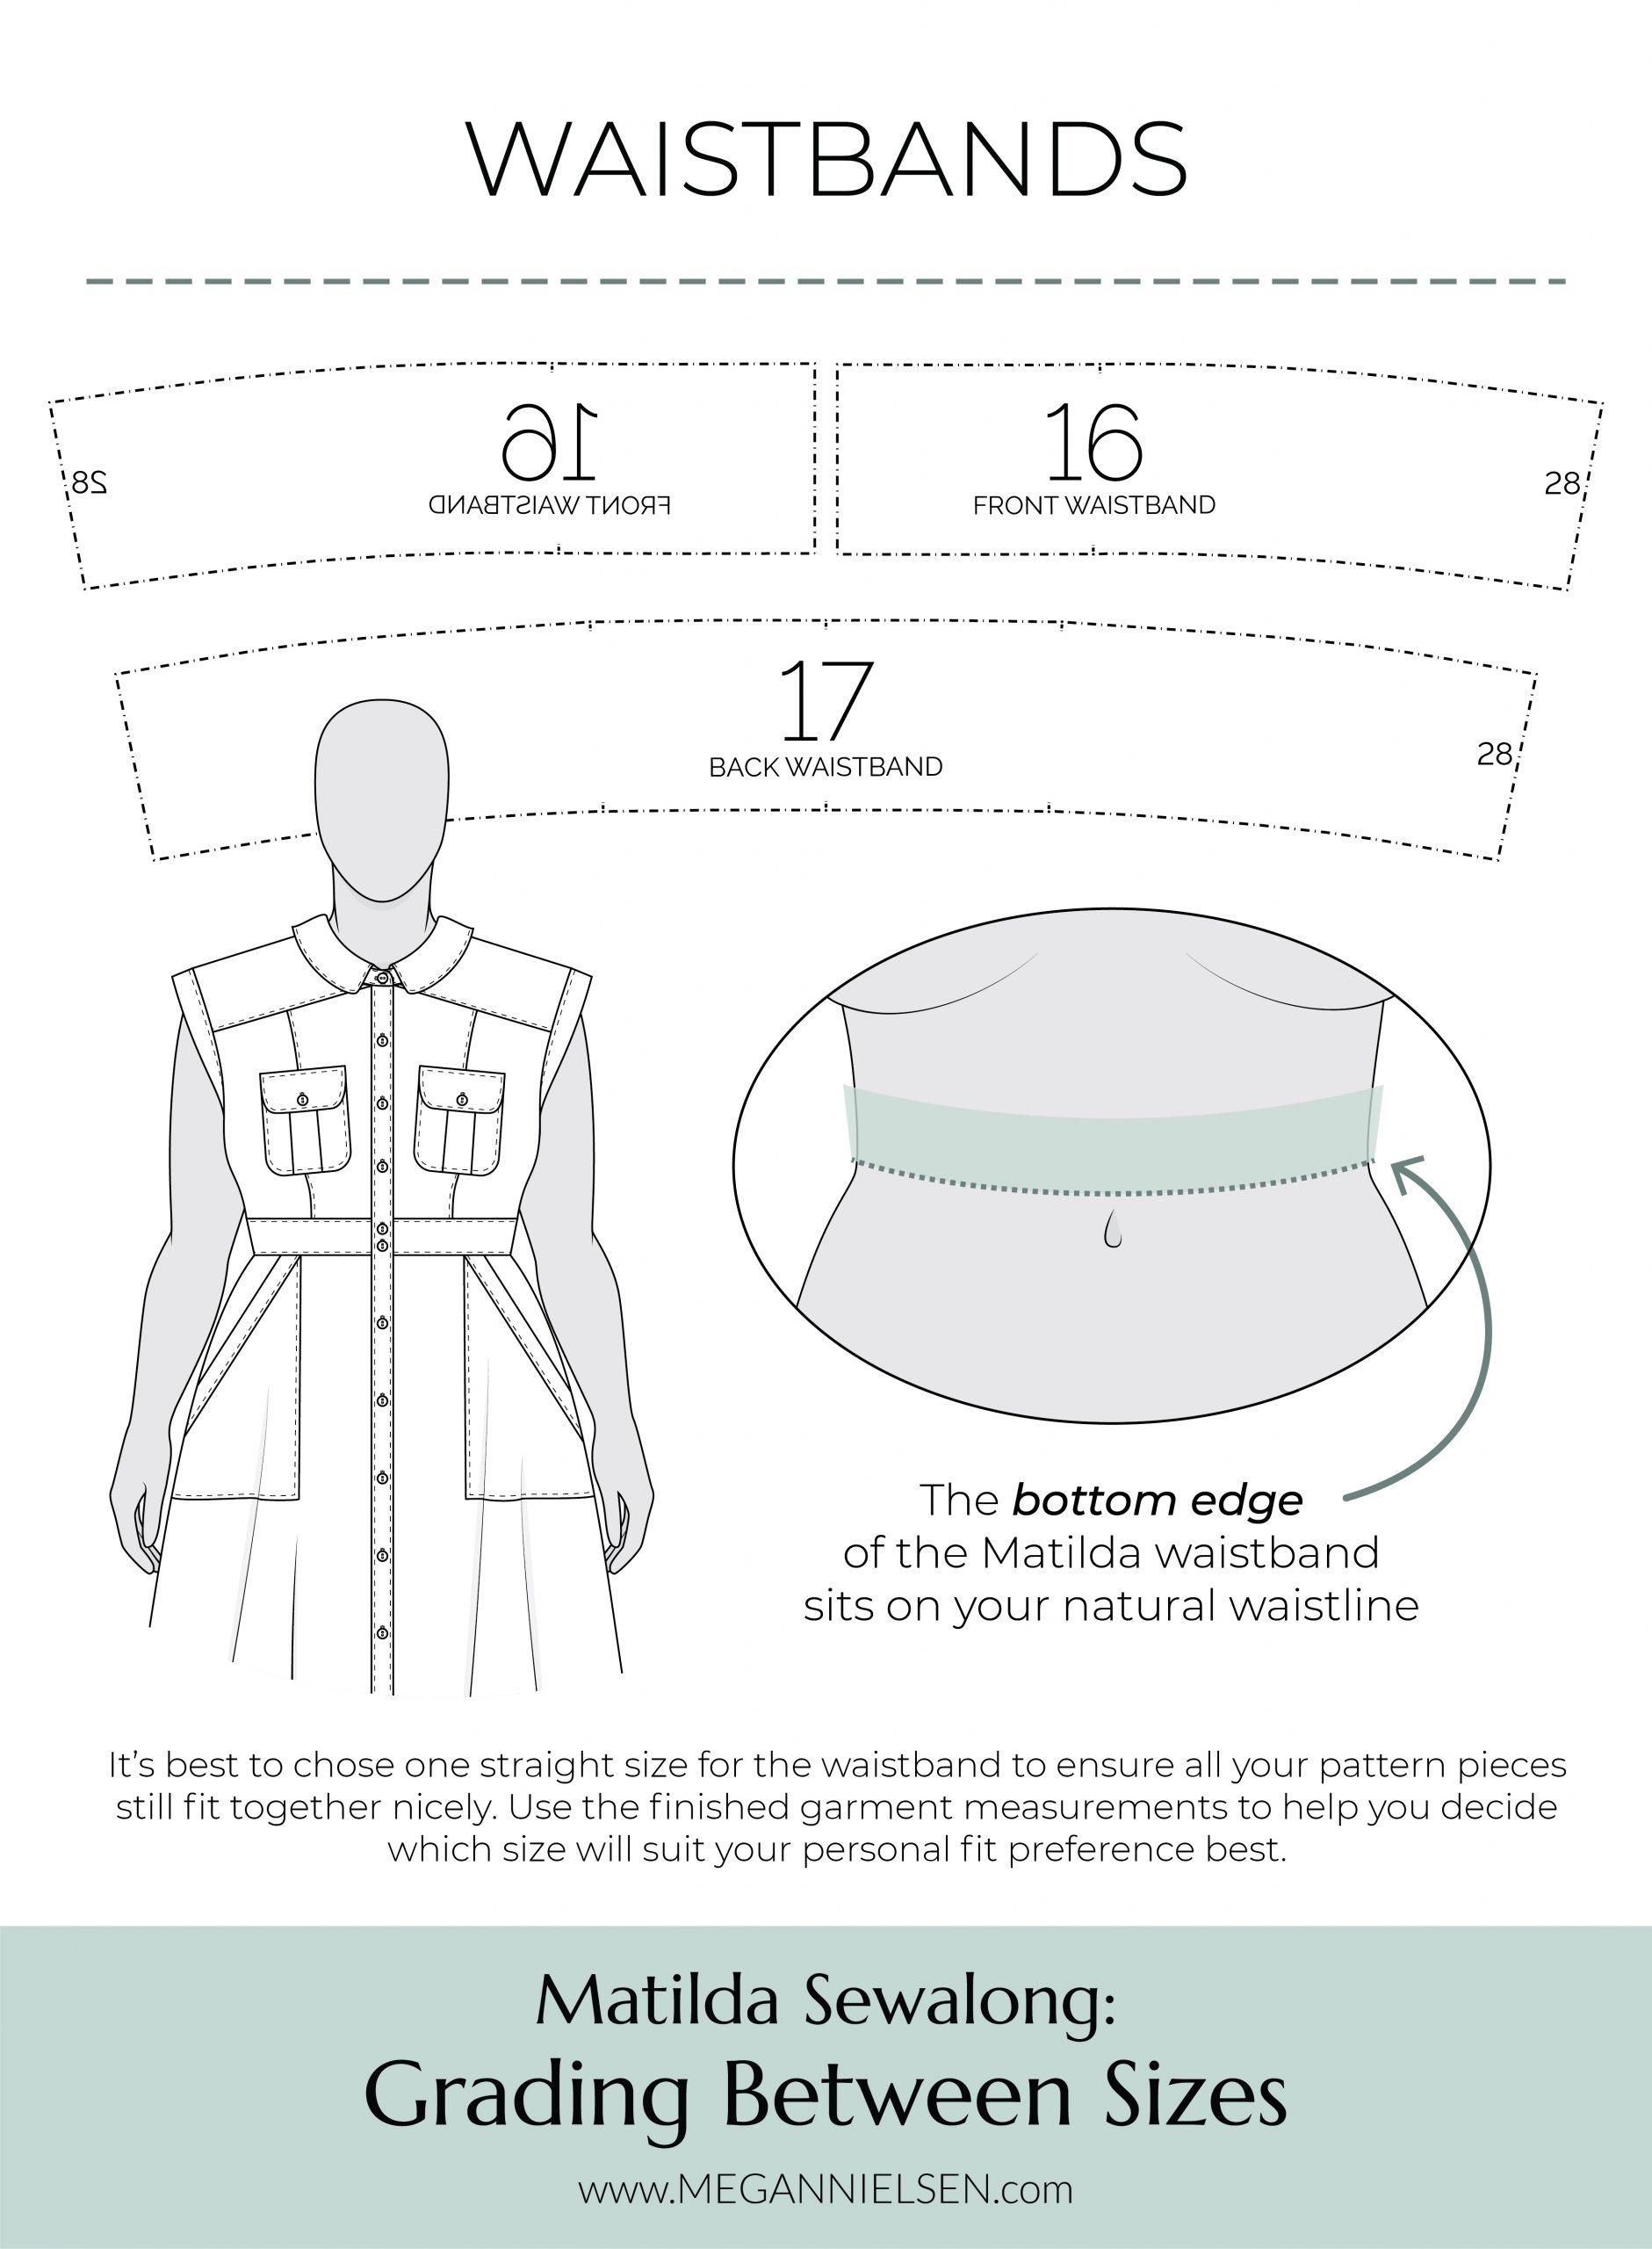 Megan Nielsen Patterns   Matilda Sewalong: Grading Between Sizes - Waistbands